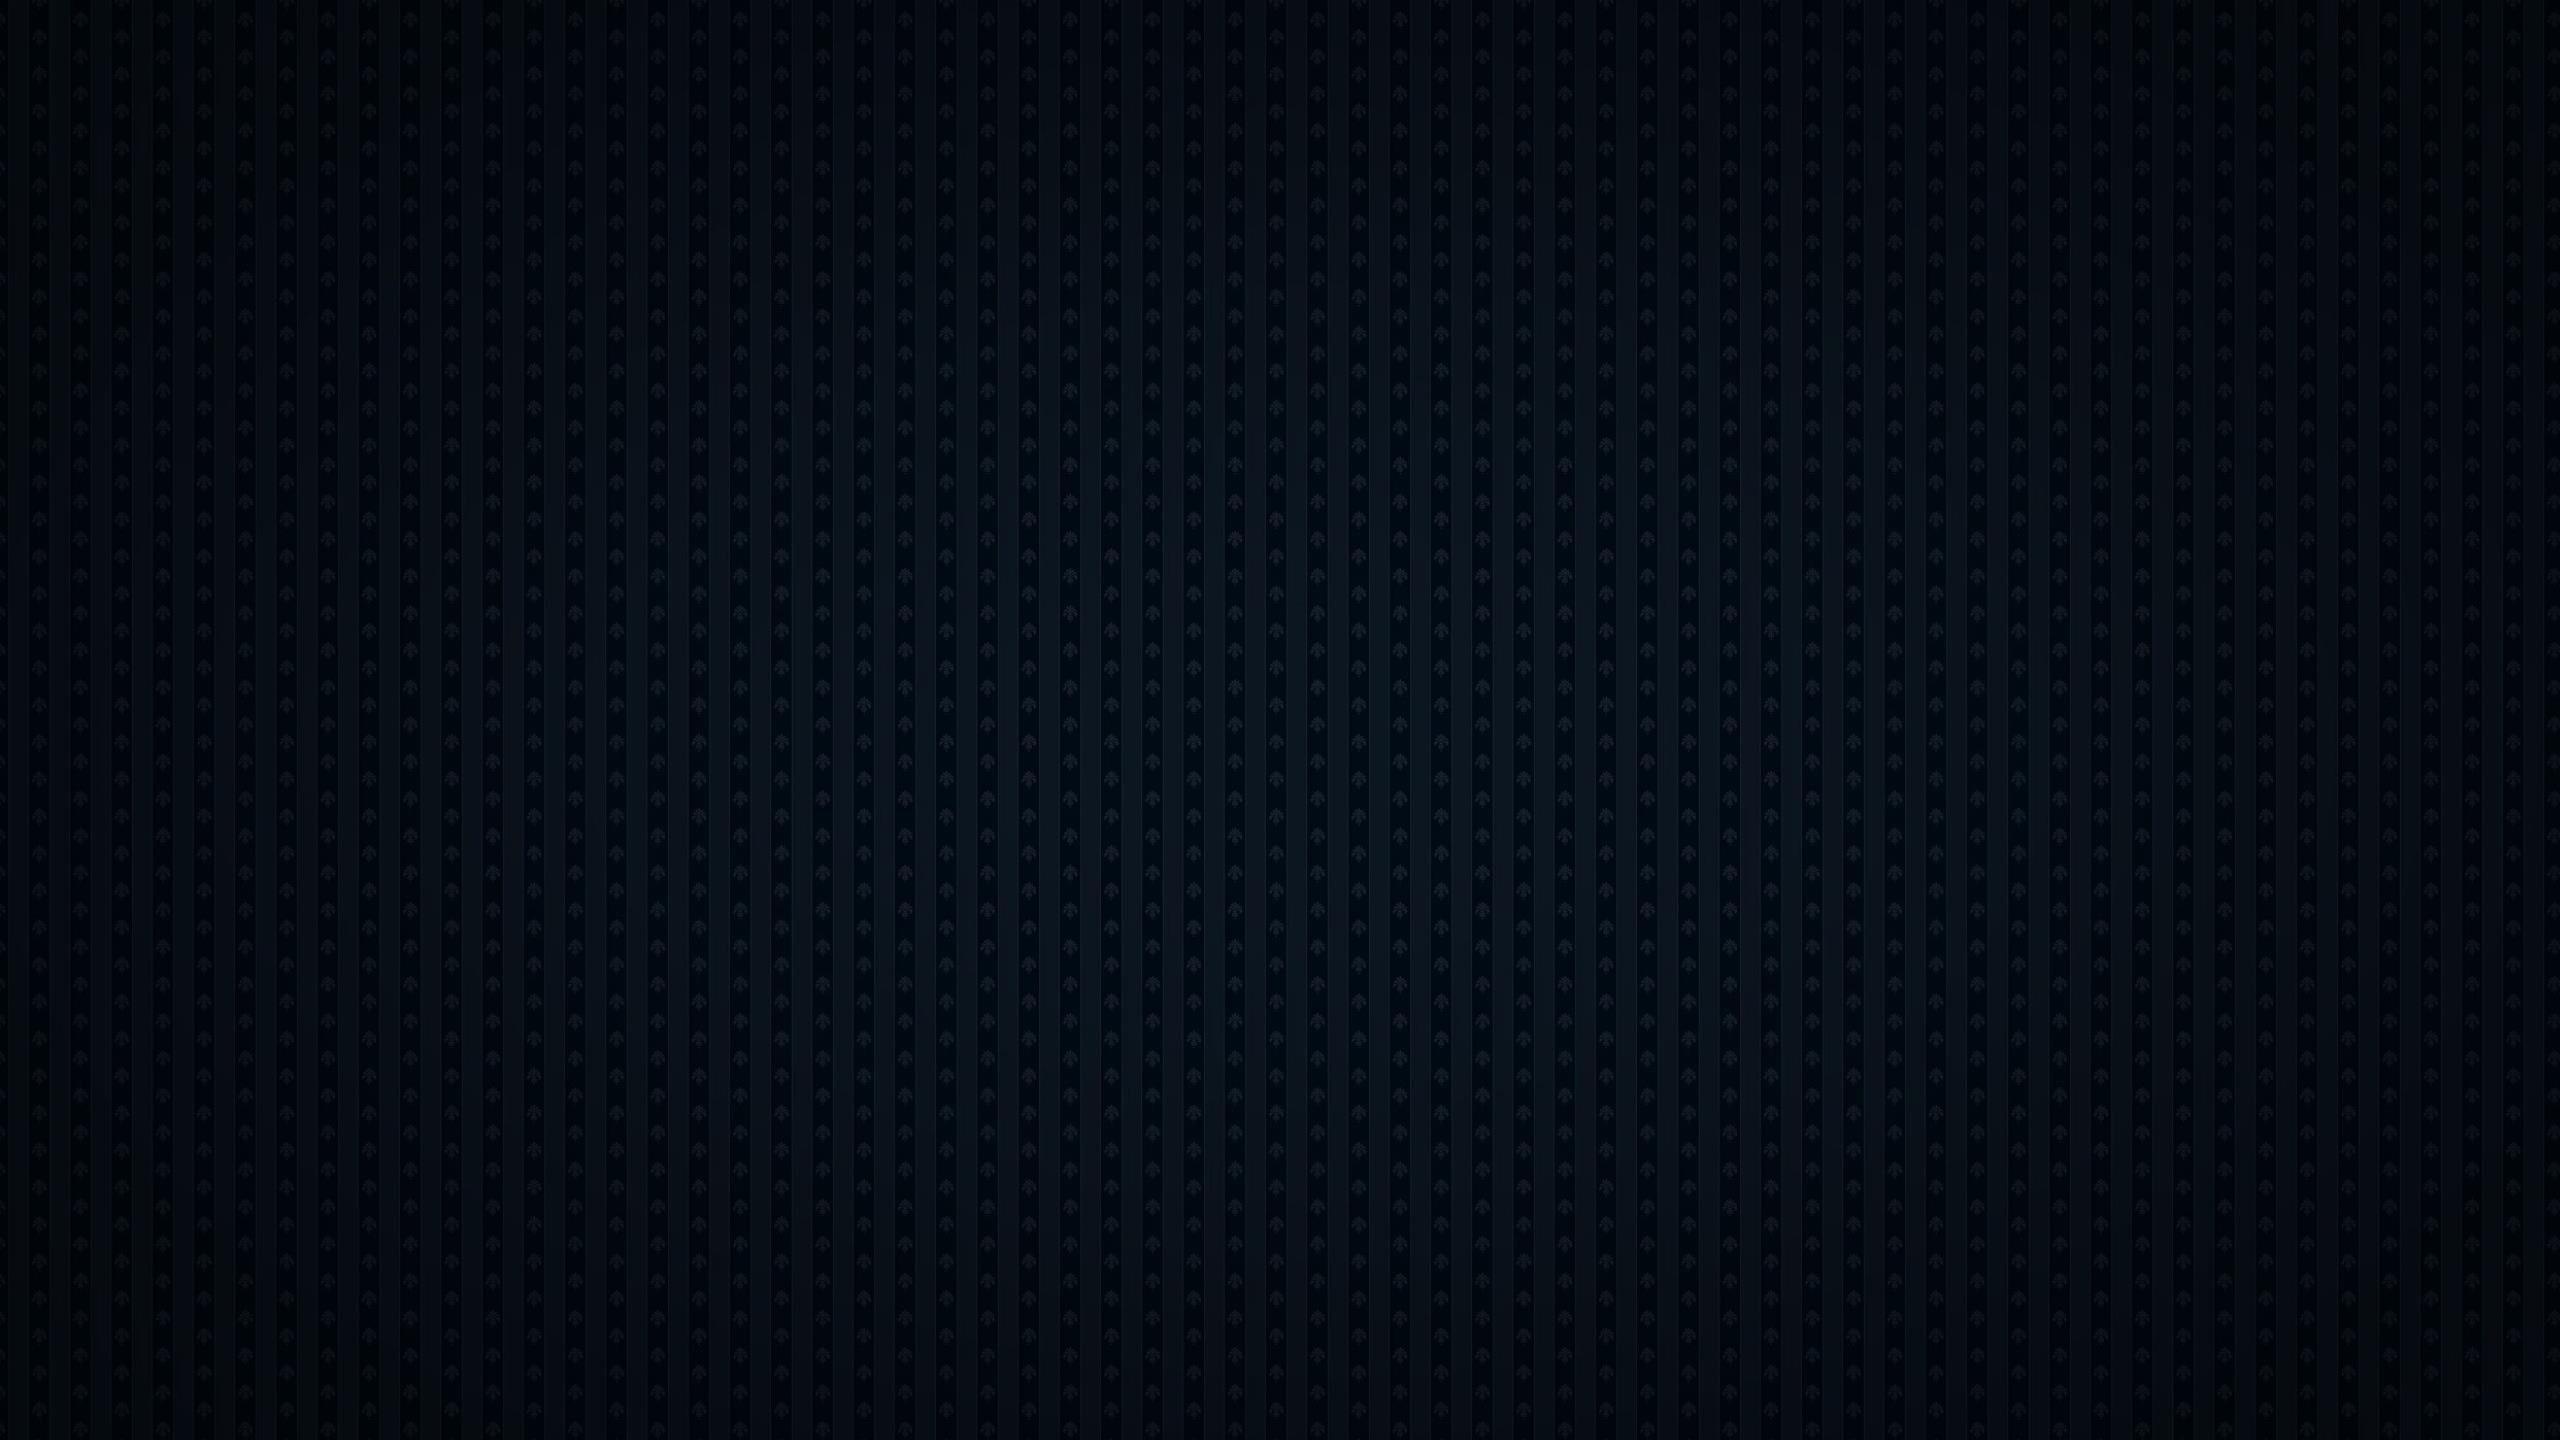 New Dark Blue Background Wallpaper